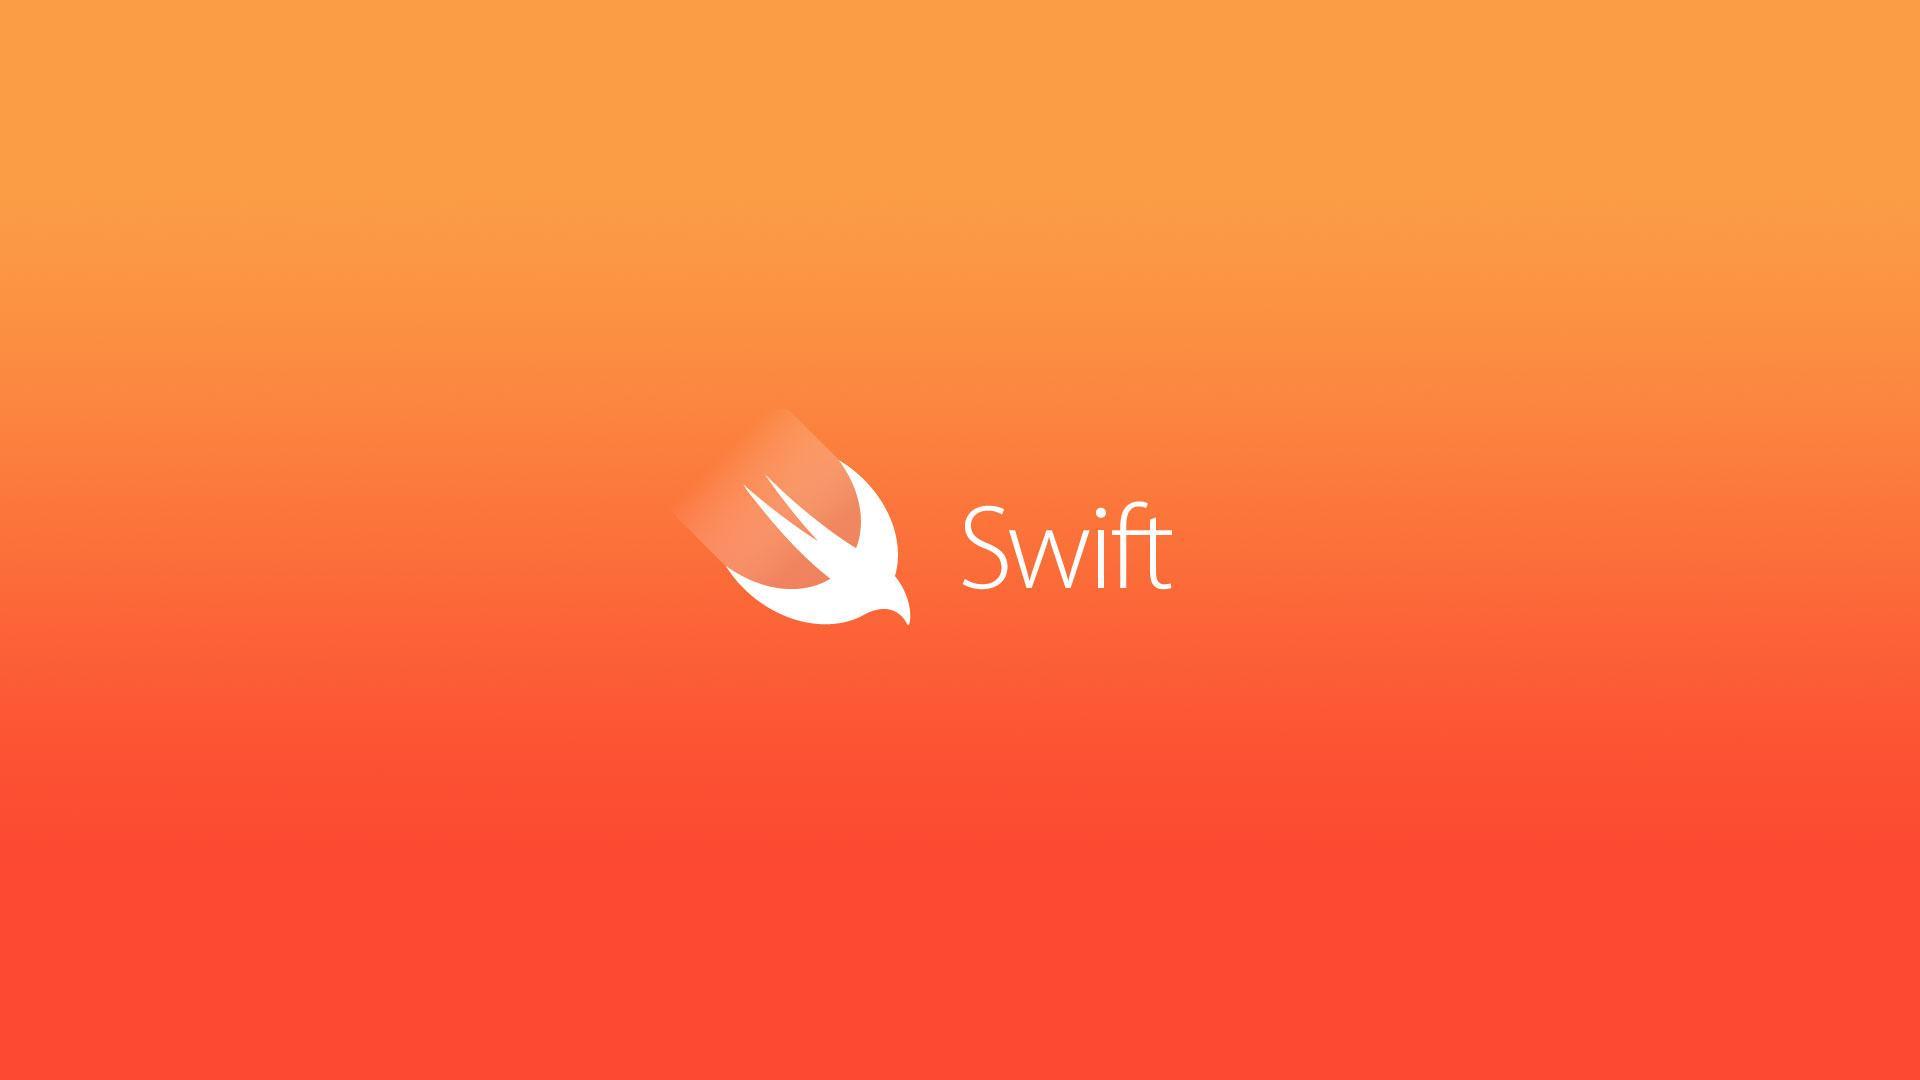 Swift Apple Il Linguaggio Di Programmazione Open Source